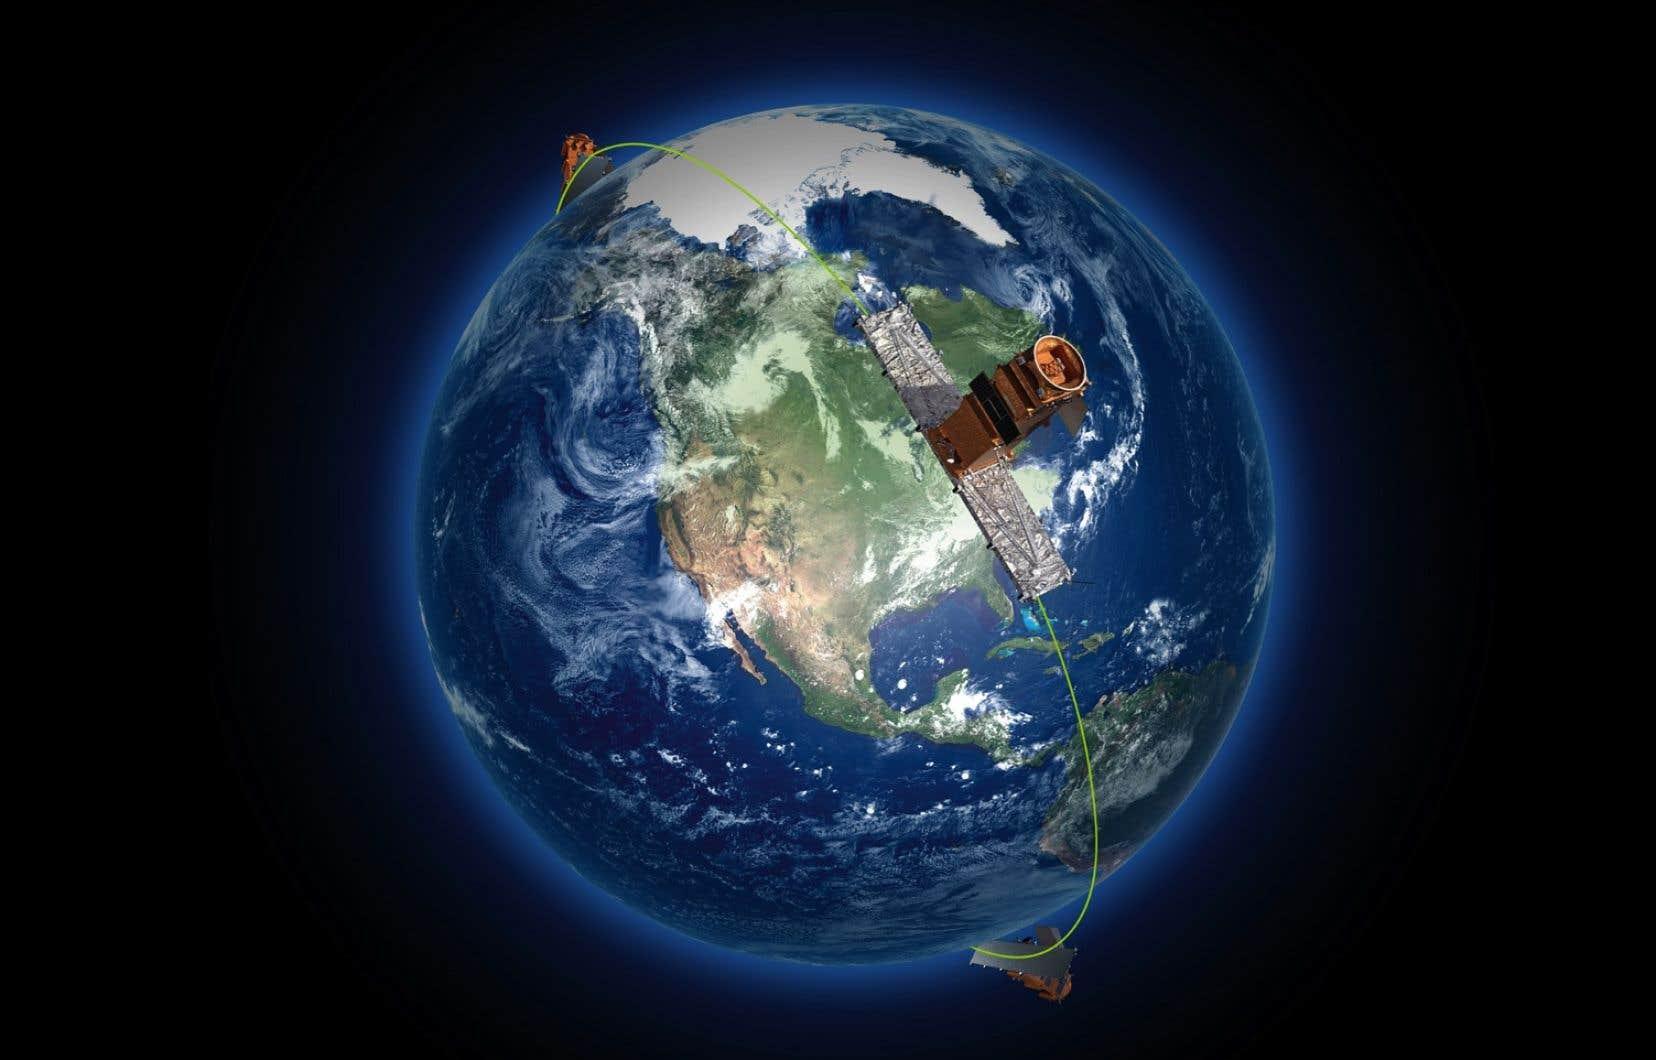 Ces satellites observeront jour et nuit, quelles que soient les conditions météorologiques, l'ensemble du territoire canadien, y compris les océans, ainsi que l'Extrême-Arctique, jusqu'à quatre fois par jour.